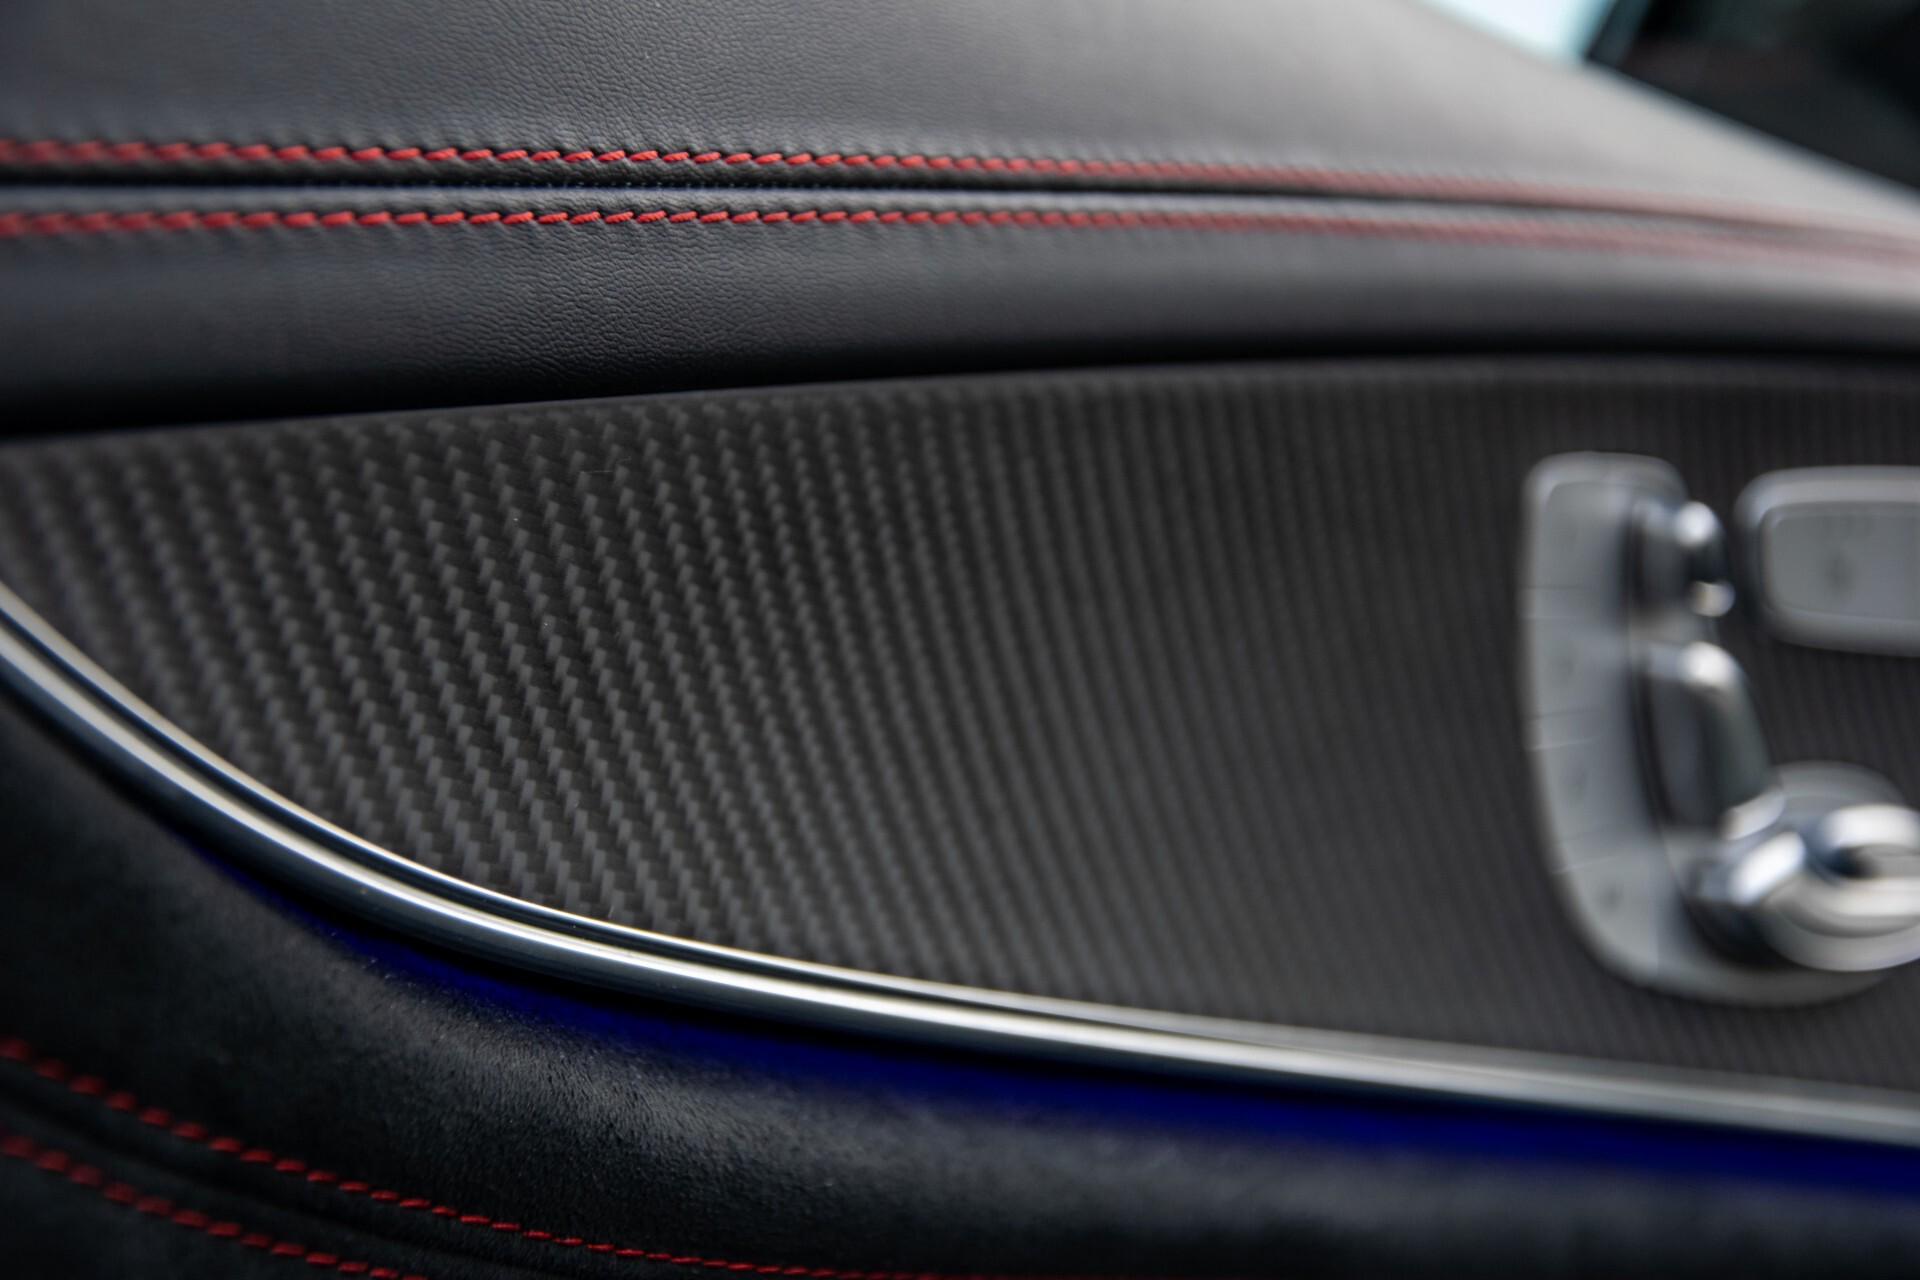 Mercedes-Benz AMG GT 4-Door Coupe 63 S 4M+ Keramisch/Full Carbon/Aerodynamica/Burmester 3D/TV/Performance stoelen/Standkachel Aut9 Foto 59